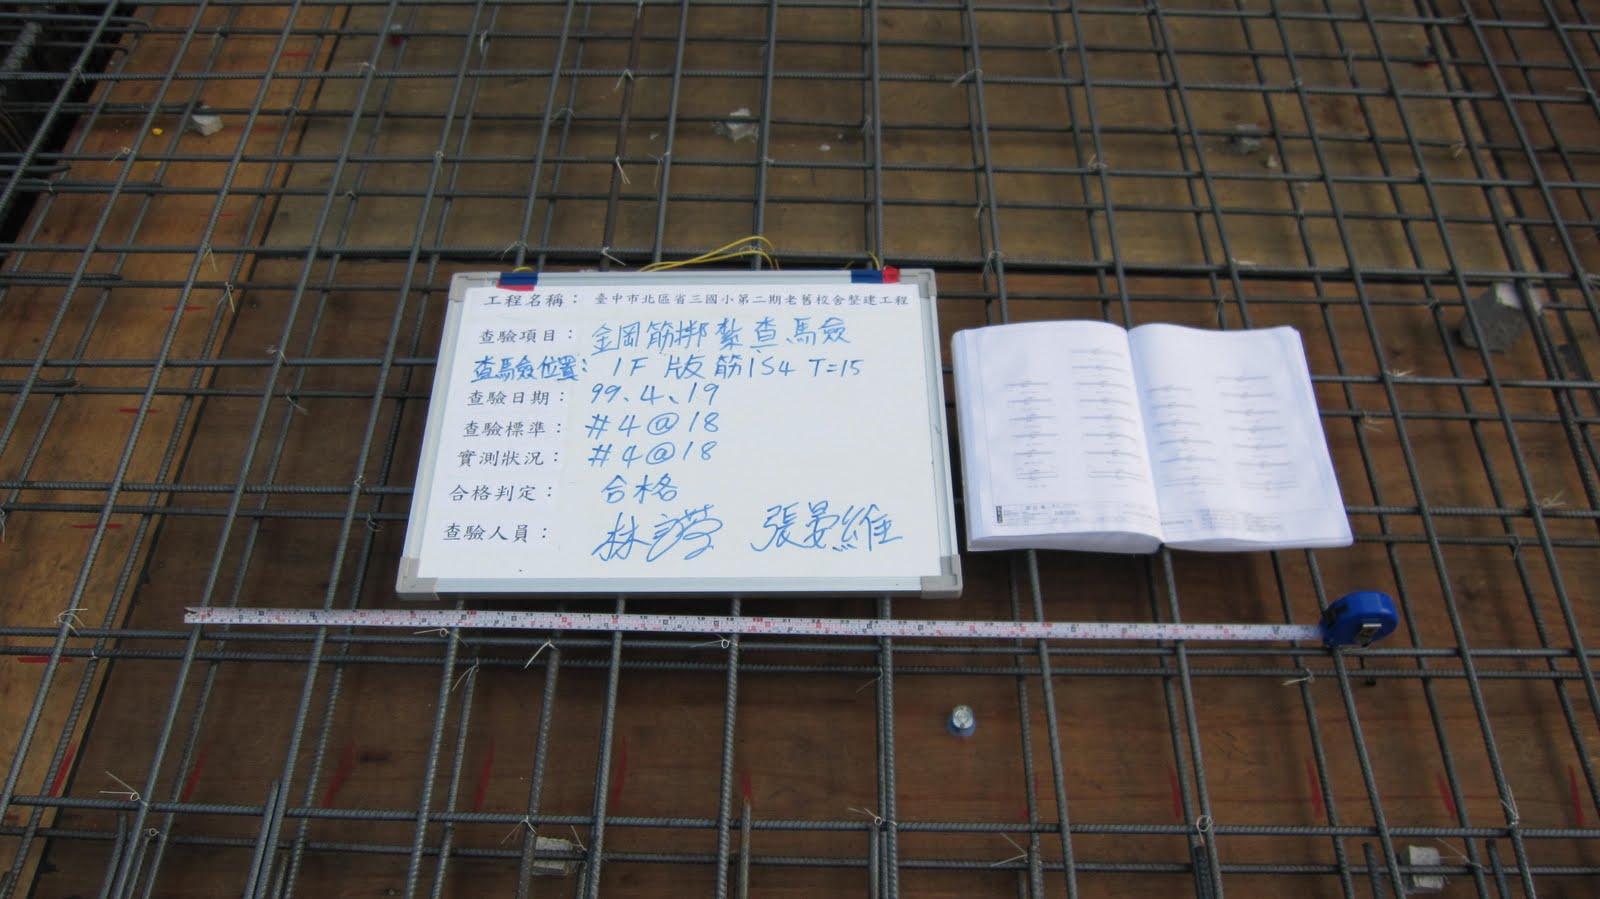 臺中市北區省三國小「第二期工程」Blog: 99.04.20 灌漿前查驗3部曲